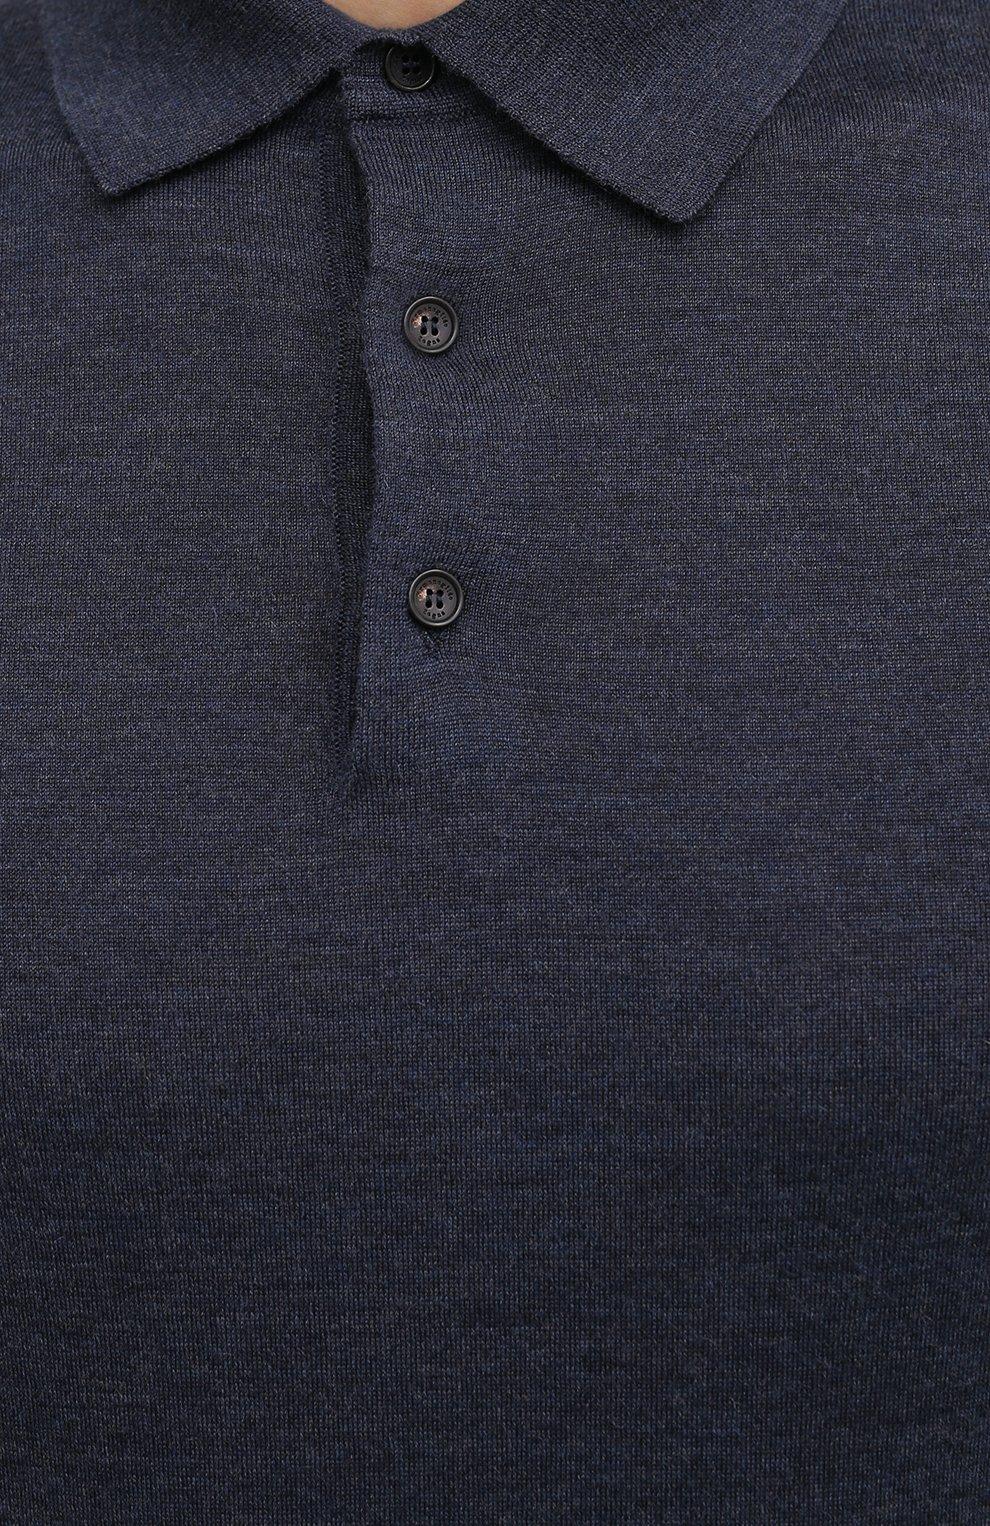 Мужское поло из кашемира и шелка ERMENEGILDO ZEGNA синего цвета, арт. UVJ00/132   Фото 5 (Застежка: Пуговицы; Материал внешний: Шерсть, Шелк, Кашемир; Рукава: Длинные; Длина (для топов): Стандартные; Кросс-КТ: Трикотаж; Стили: Кэжуэл)